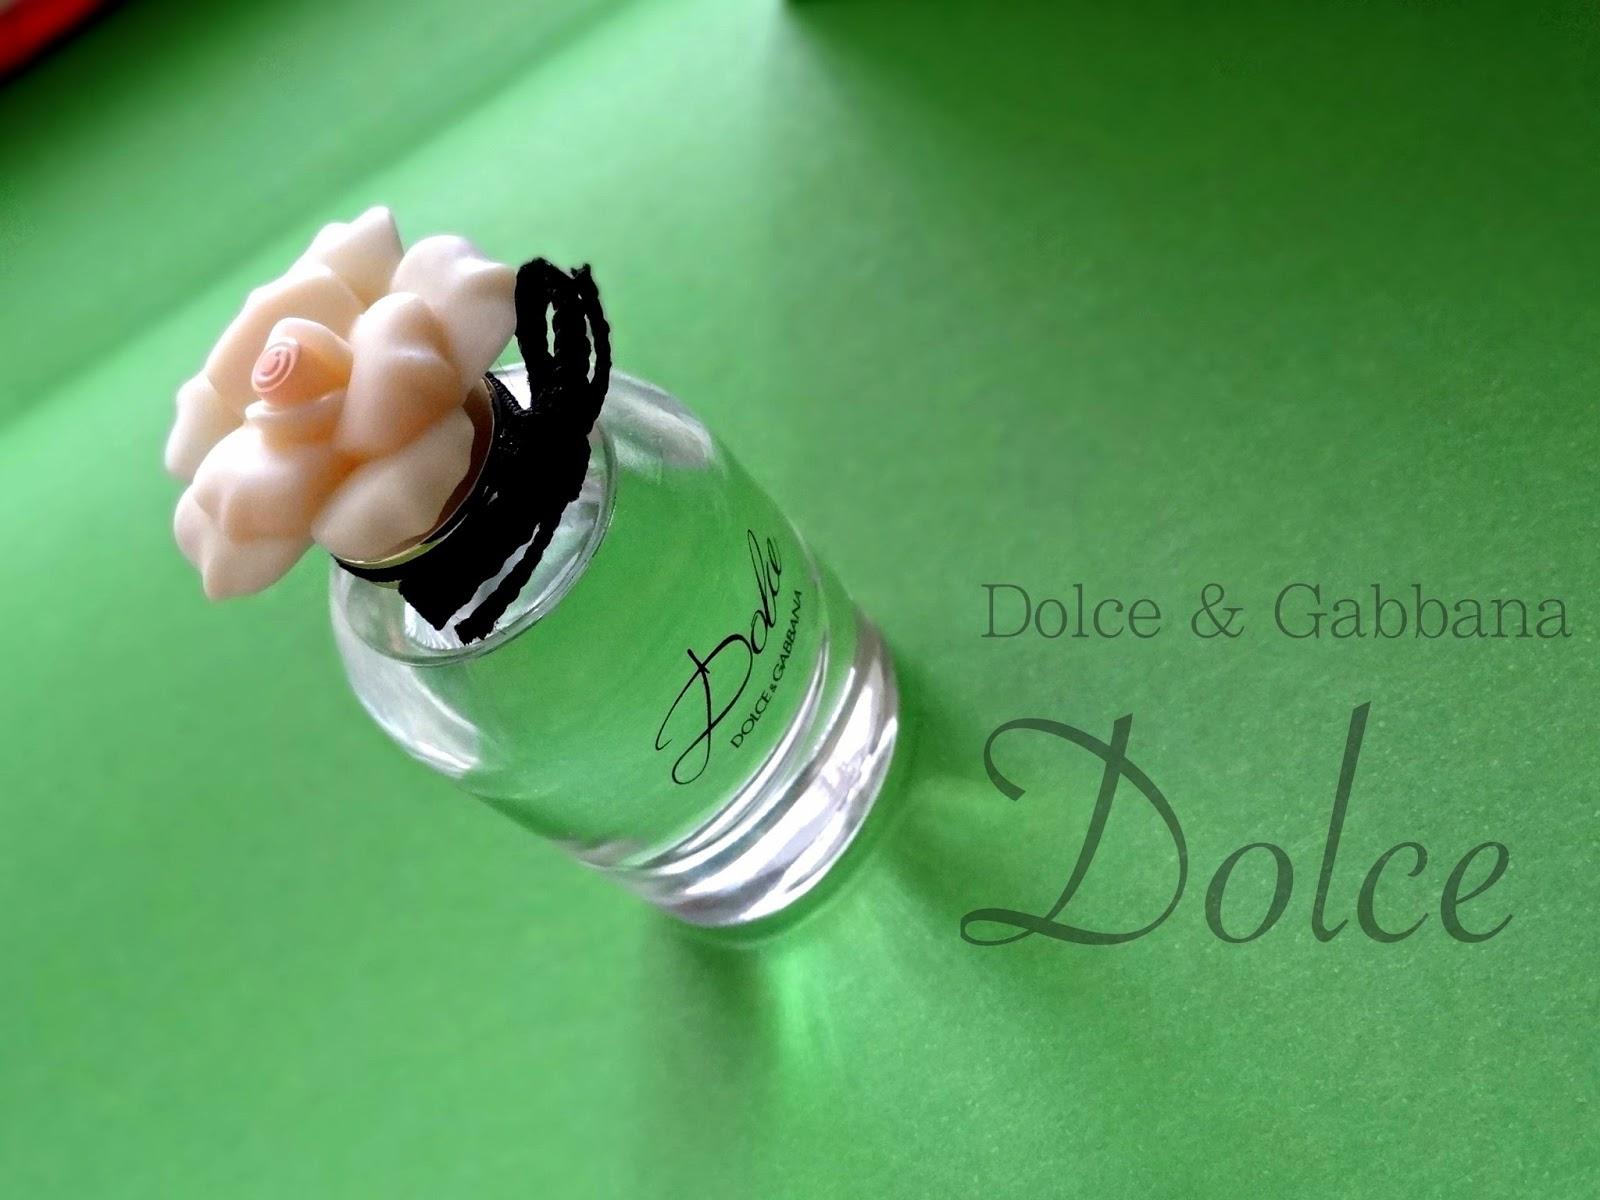 Dolce by Dolce & Gabbana Eau de Parfum